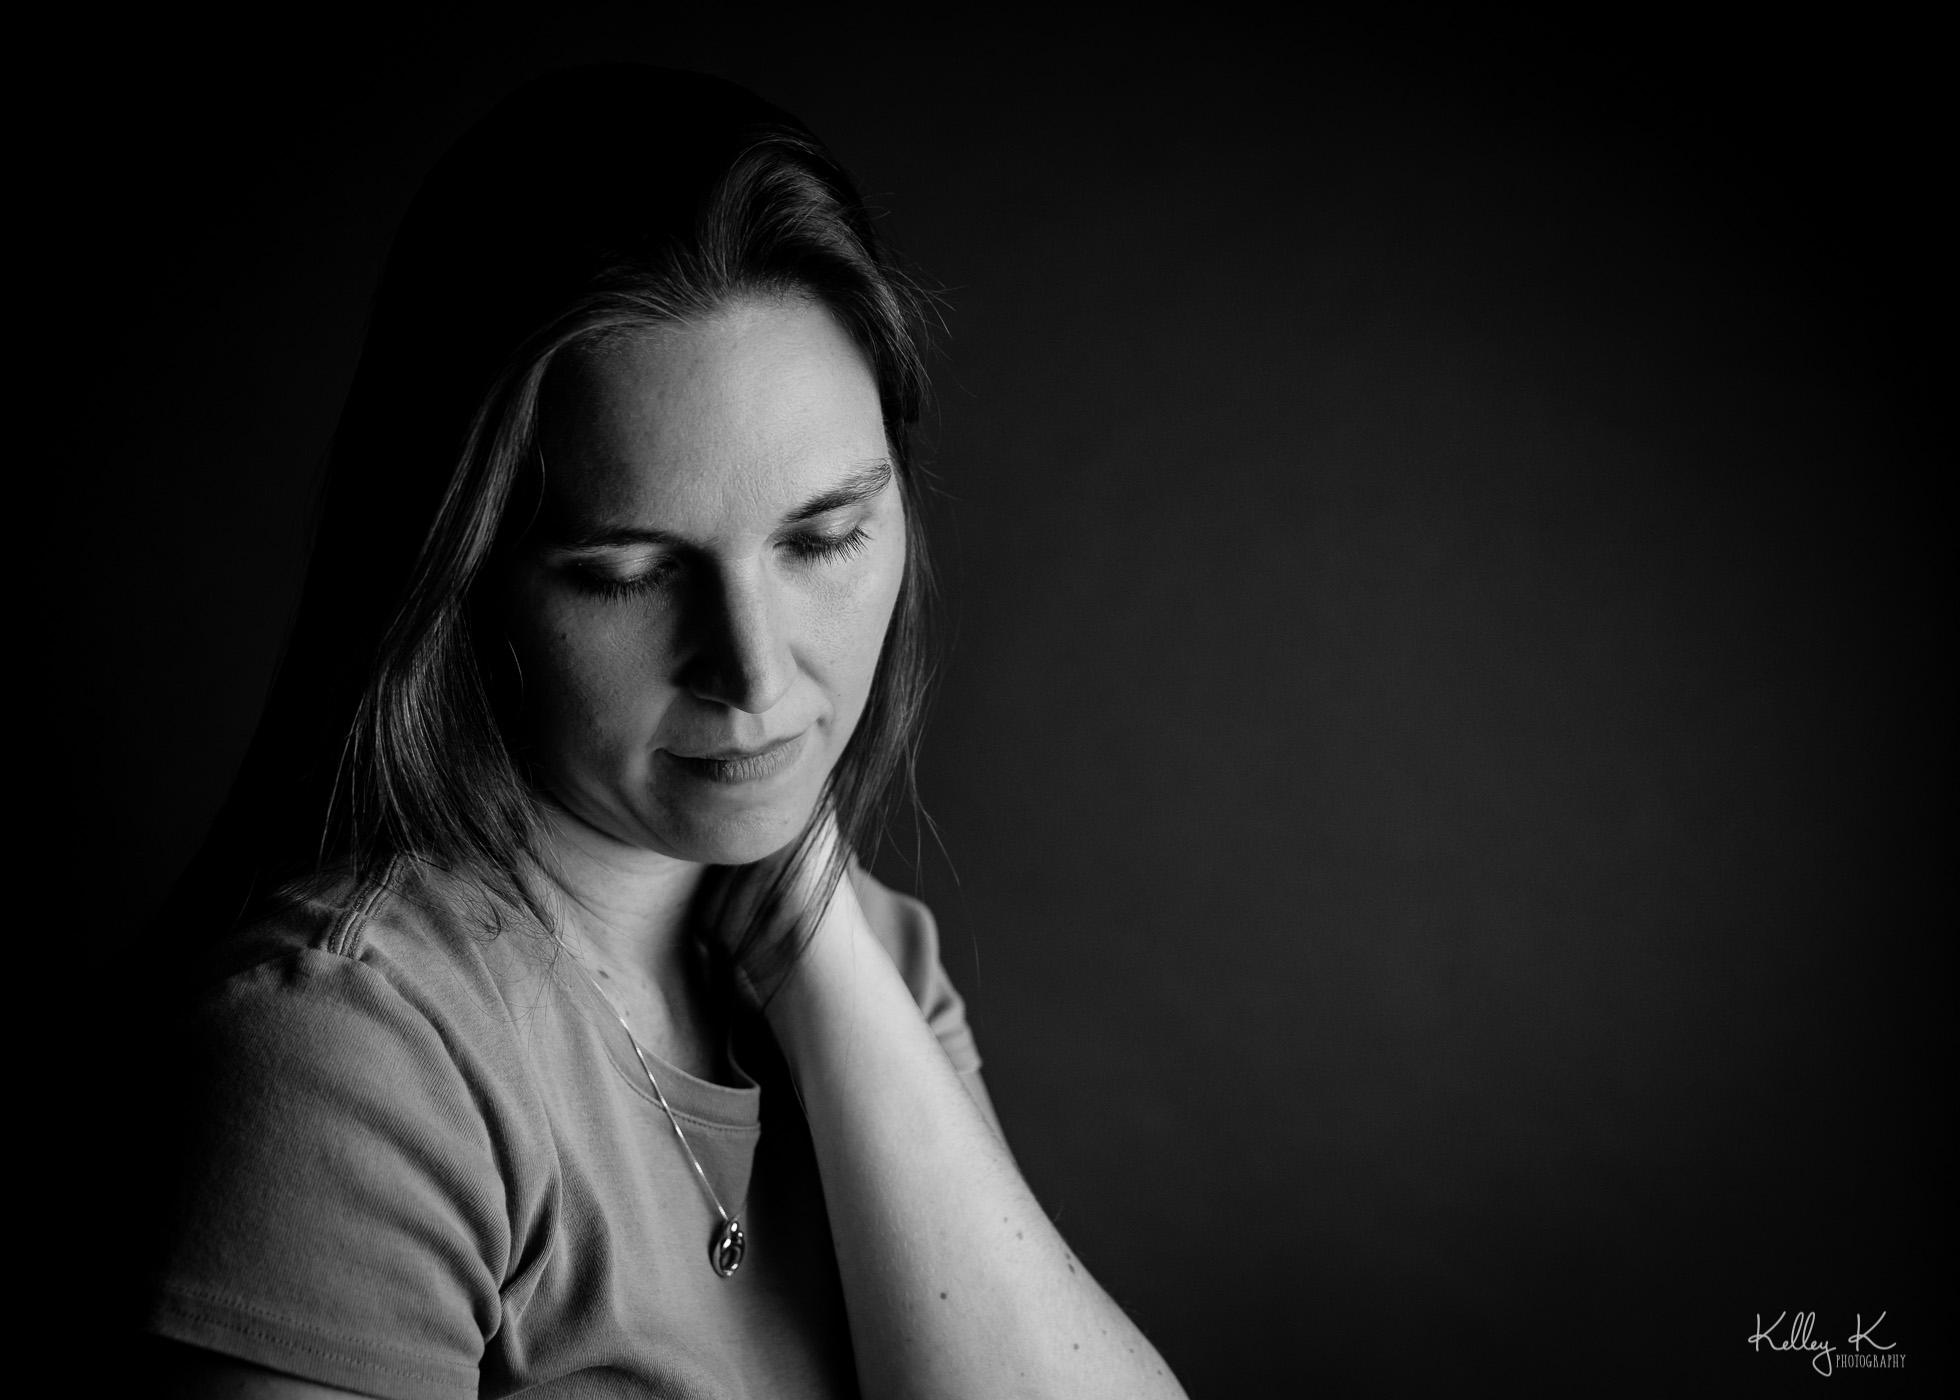 black-white-moody-self-portrait-by-KelleyKPhotography-Smyrna